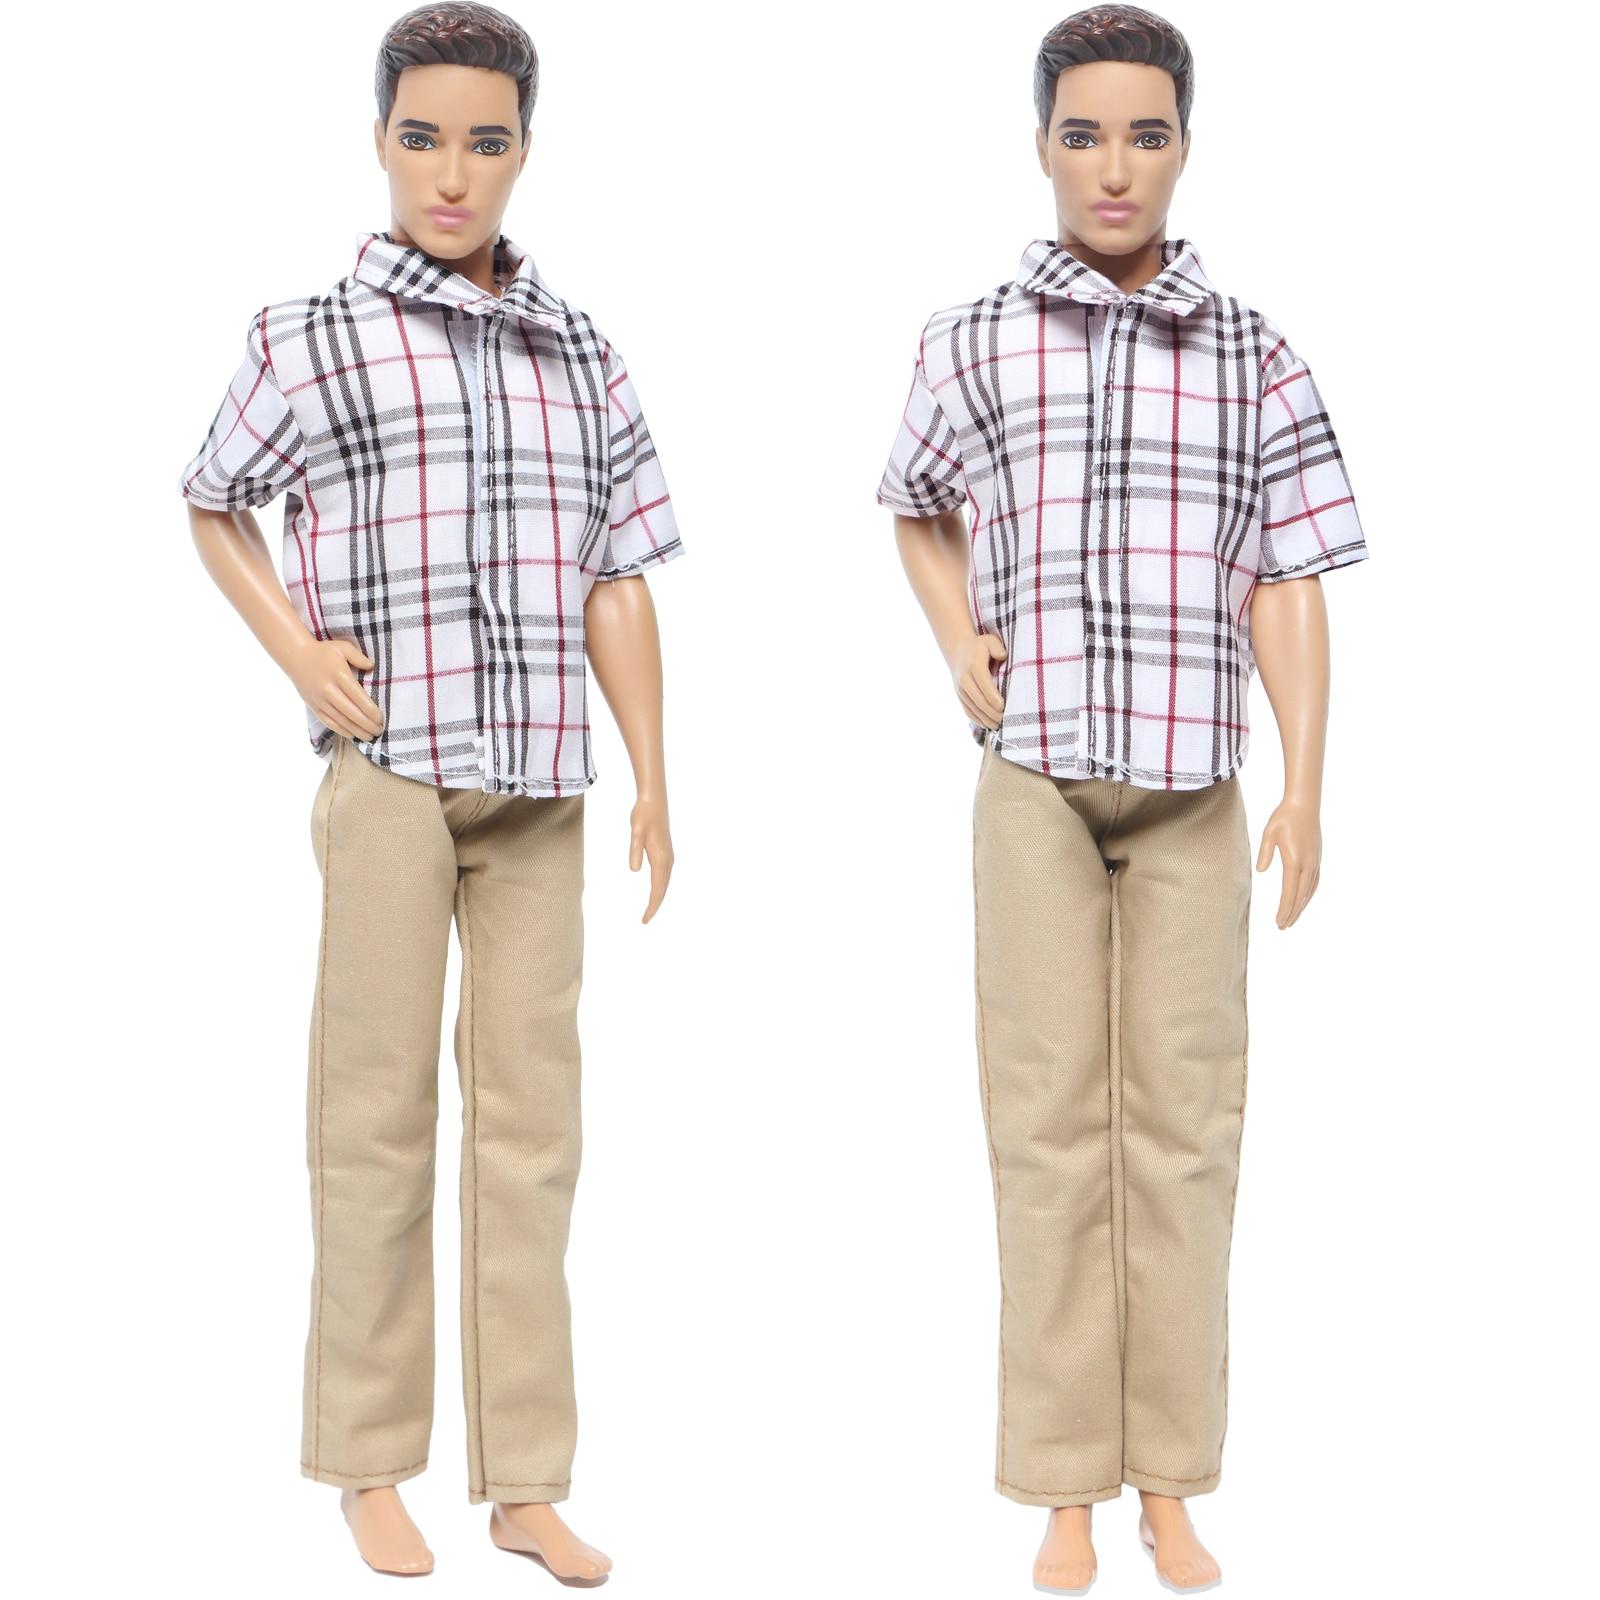 Traje de hombre atractivo camisa de alta calidad pantalones caqui pantalones ropa de fiesta de boda para muñeca Barbie amigo Ken Accesorios